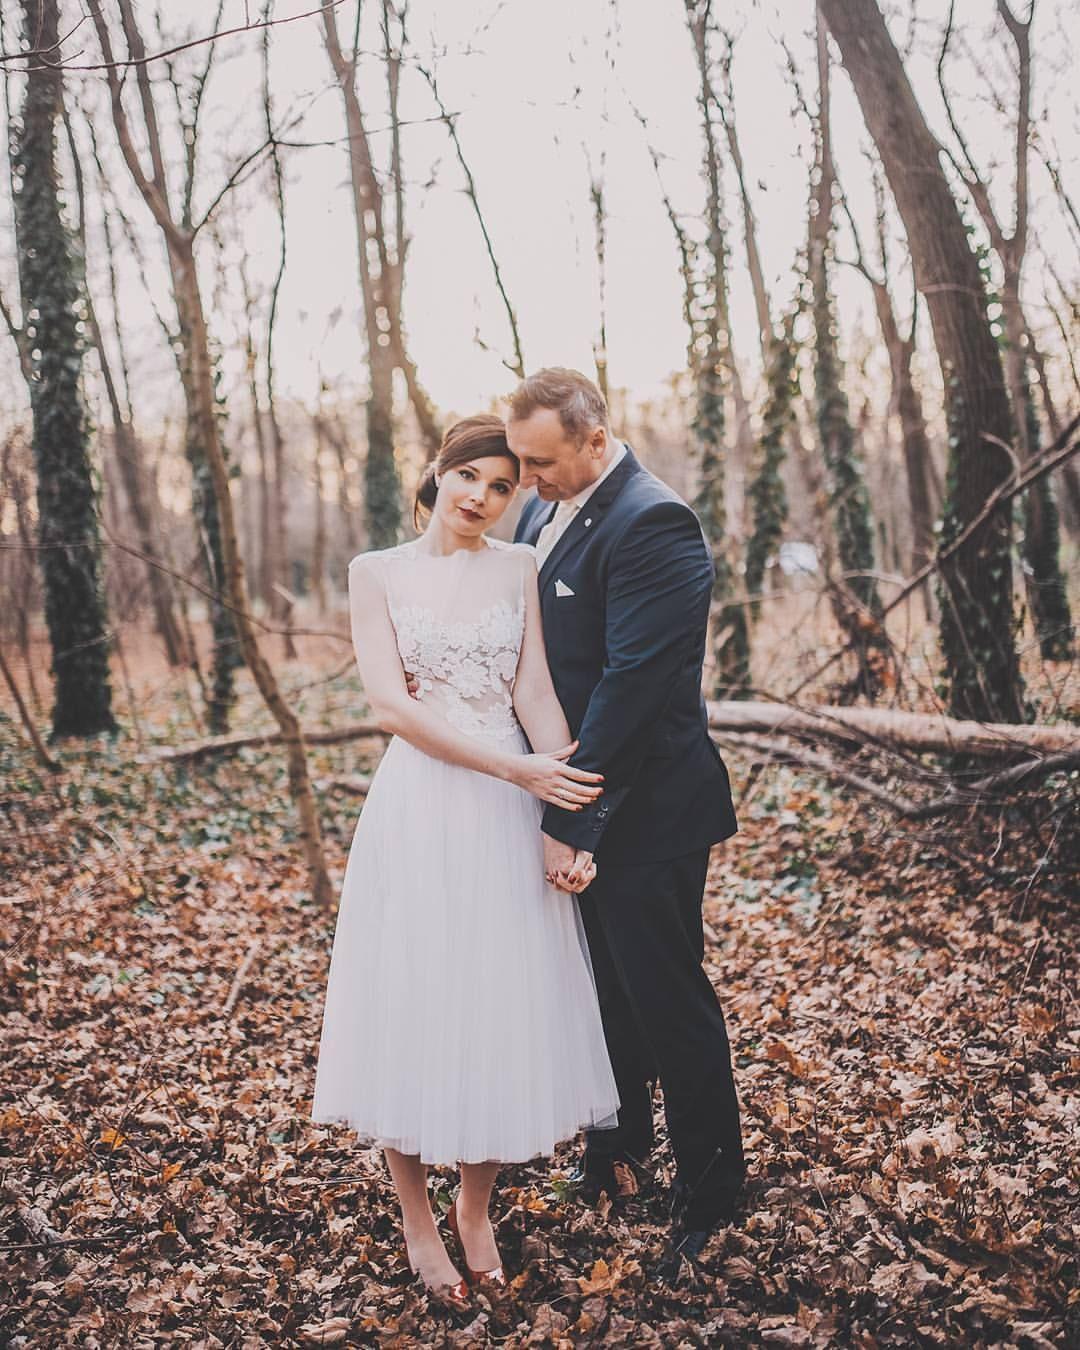 ,téli esküvő,esküvő,daalarna ruha,vörös cipő,kreatív fotózás,eleven fotó,hófehérke,